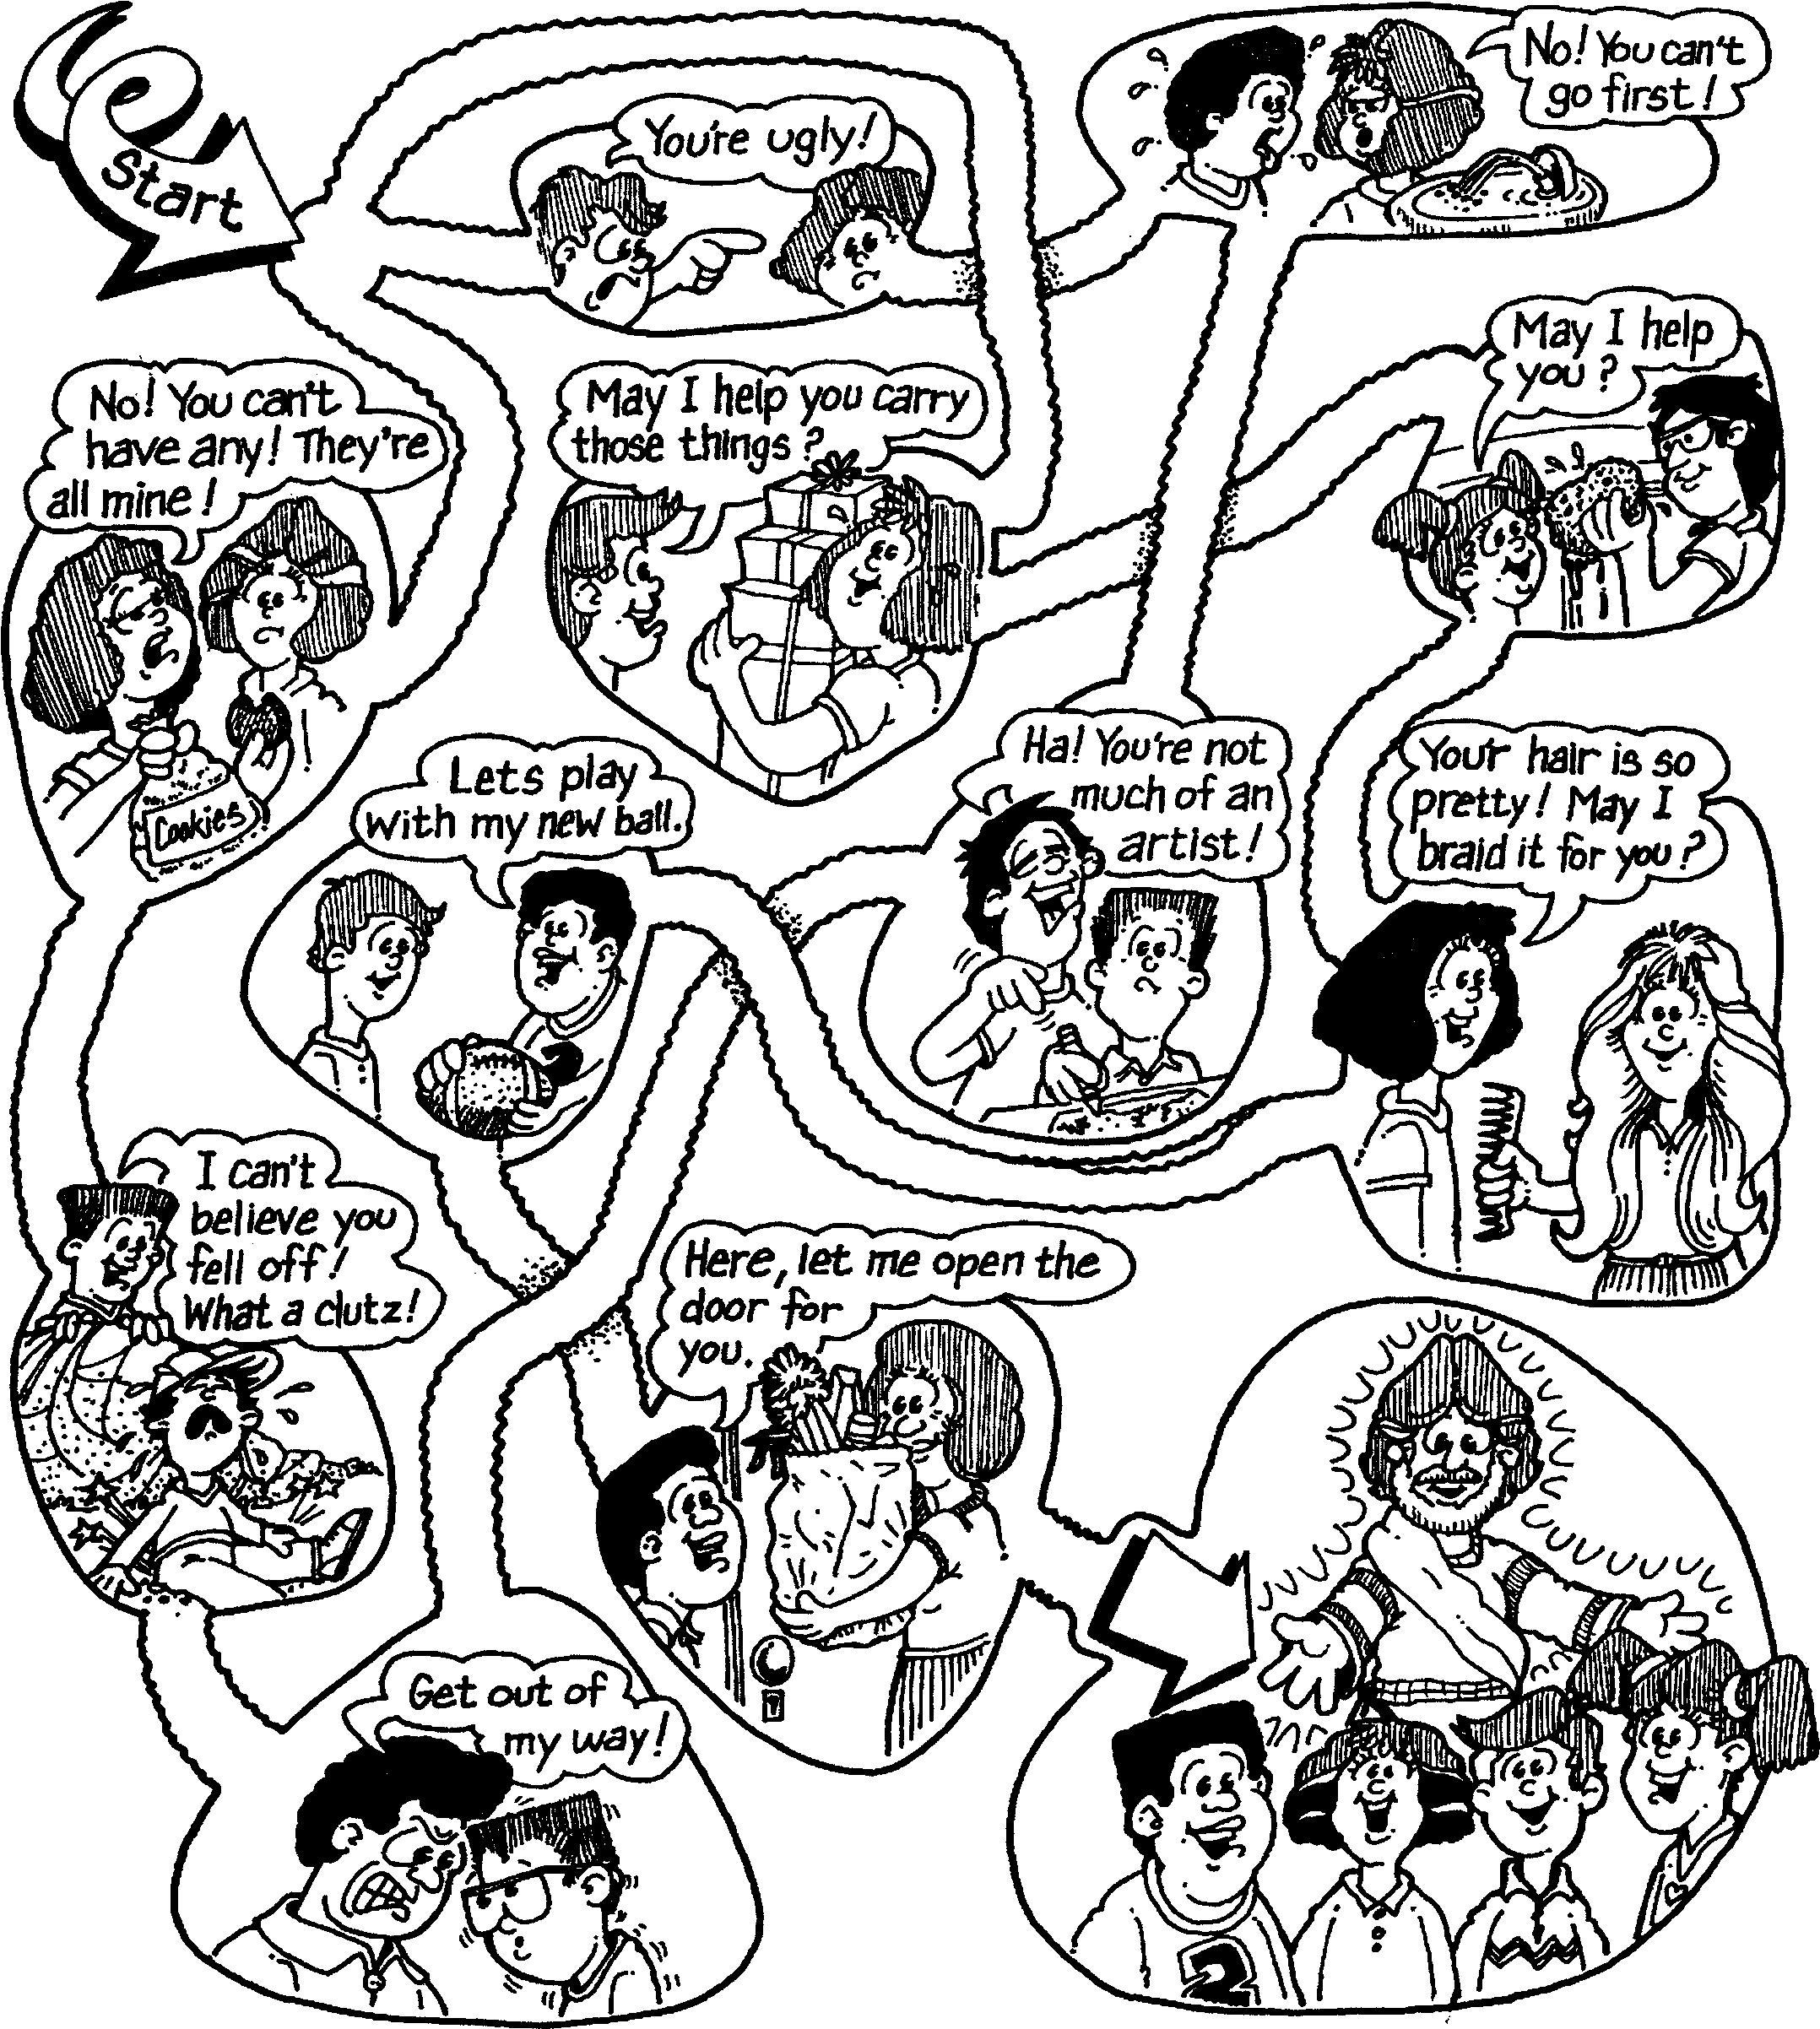 Free coloring page good samaritan - Good Samaritan Activity